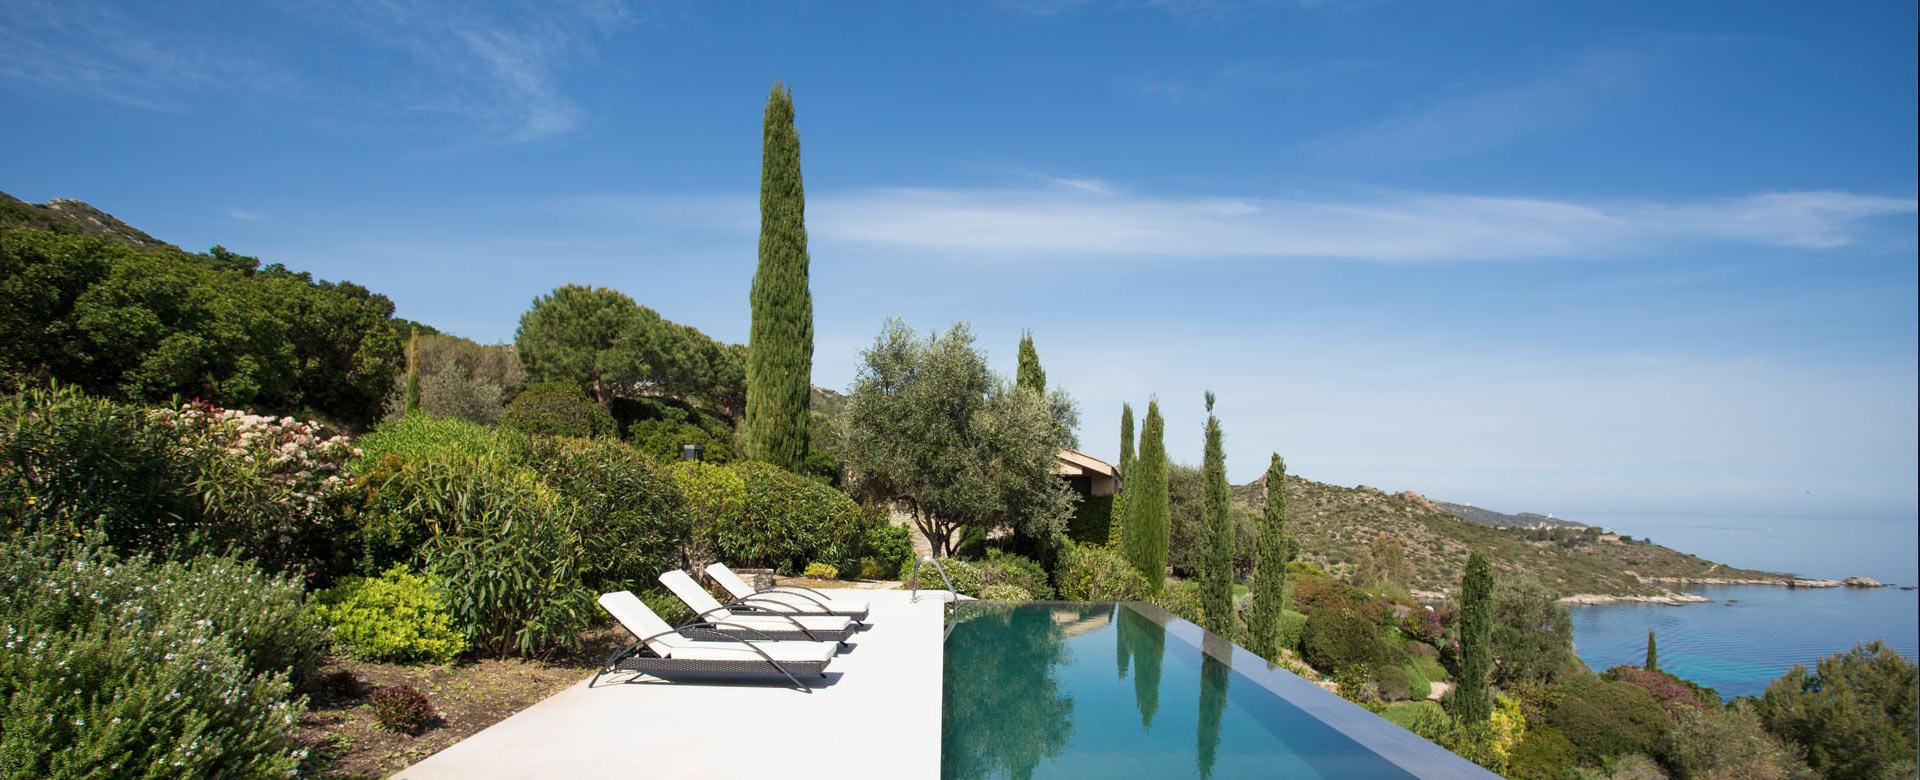 Location de villa de luxe en corse villanovo for Location villa